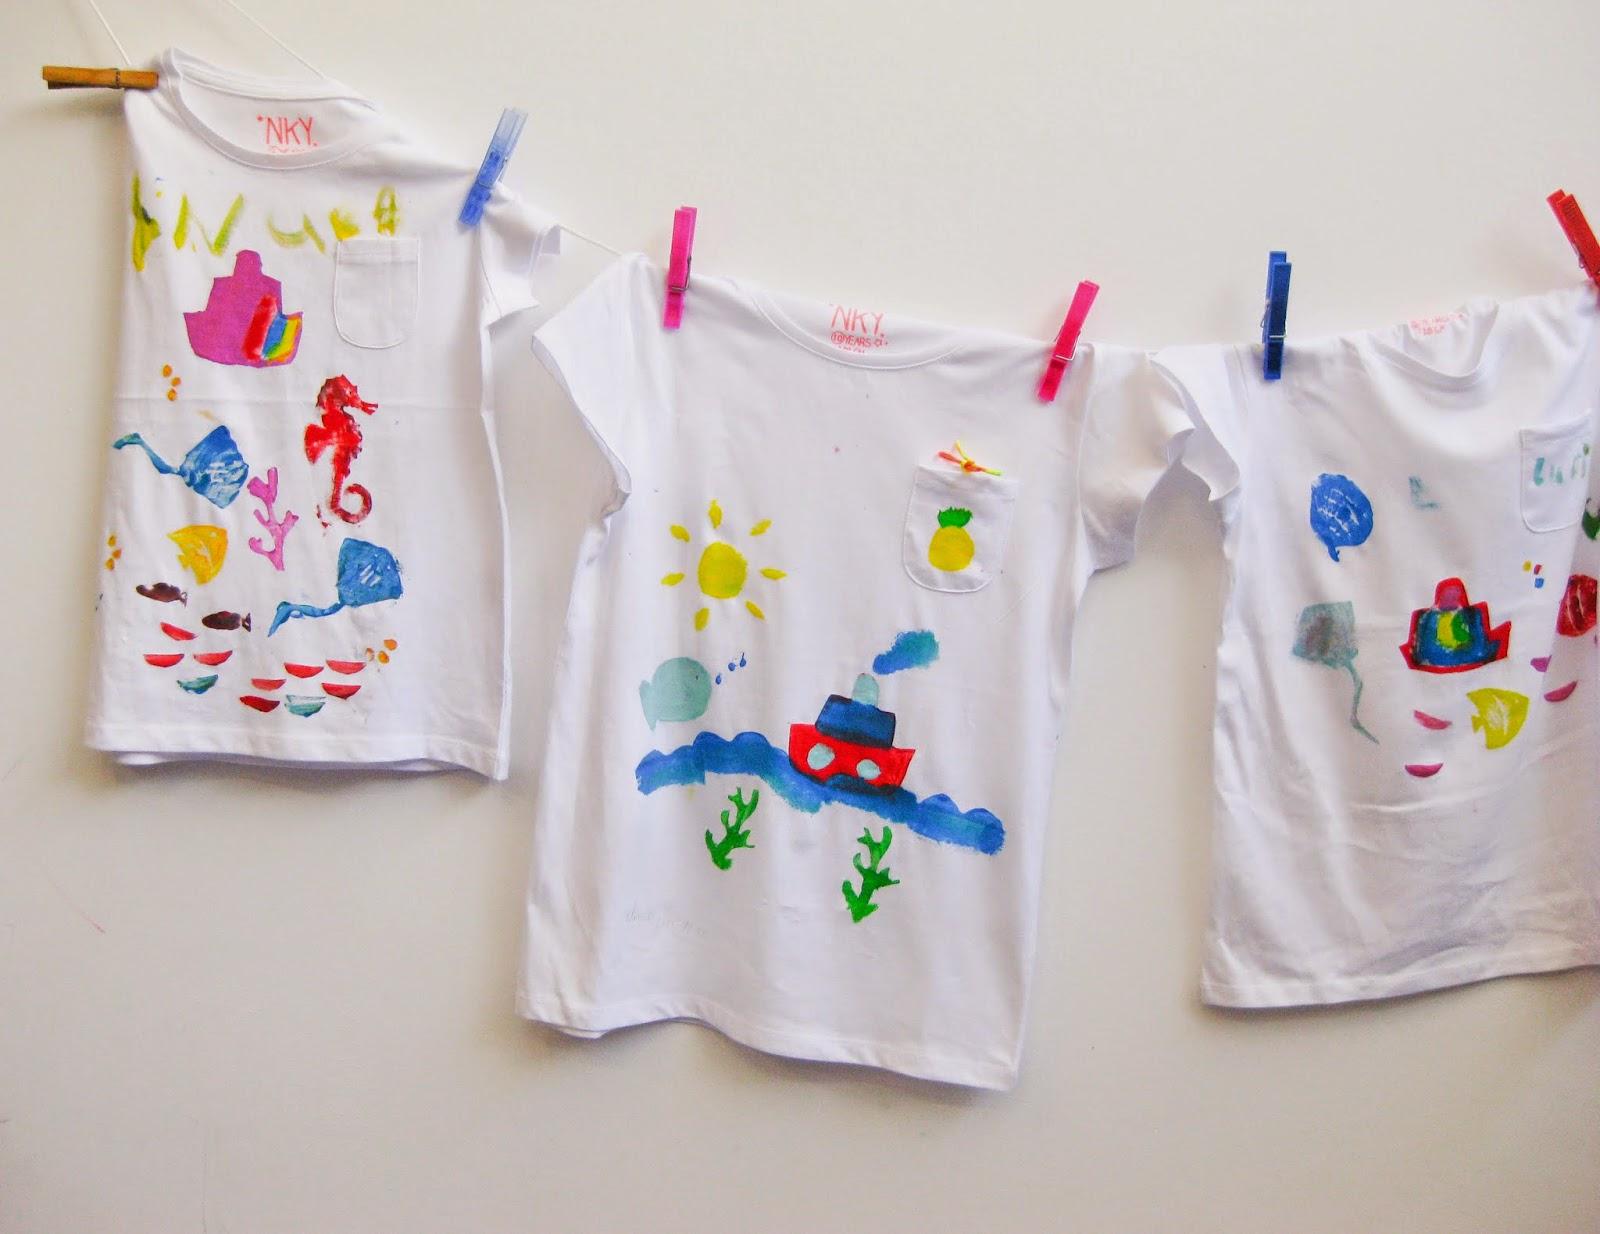 Así fue nuestro taller de estampado de camisetas en Barquito de ...